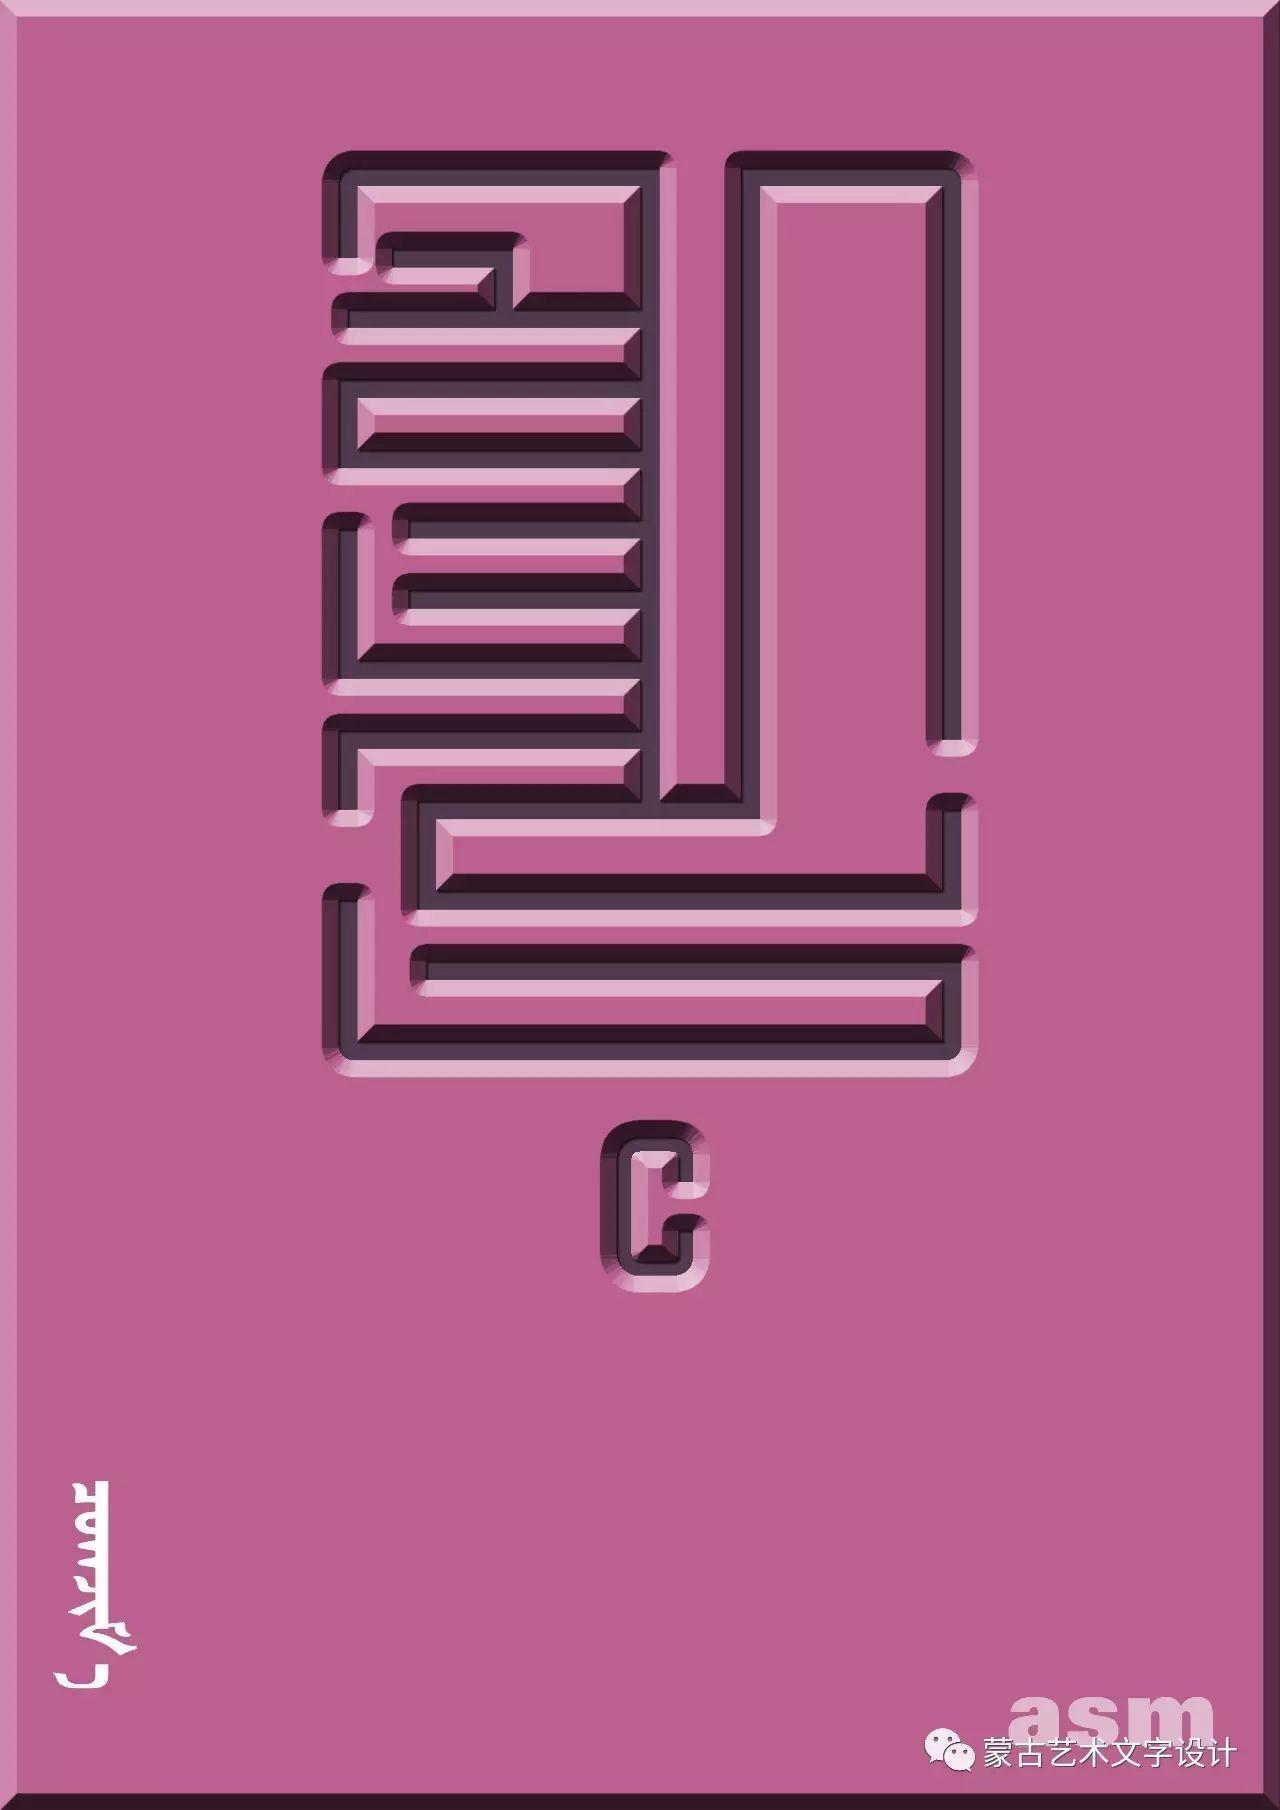 蒙古艺术文字设计 第33张